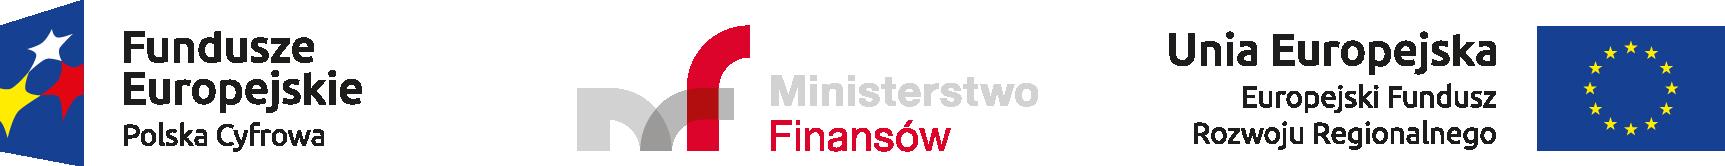 logo Fundusze Europejskie Polska Cyfrowa, logo Ministerstwo Finansów, logo Unia Europejska Europejski Fundusz Rozwoju Regionalnego